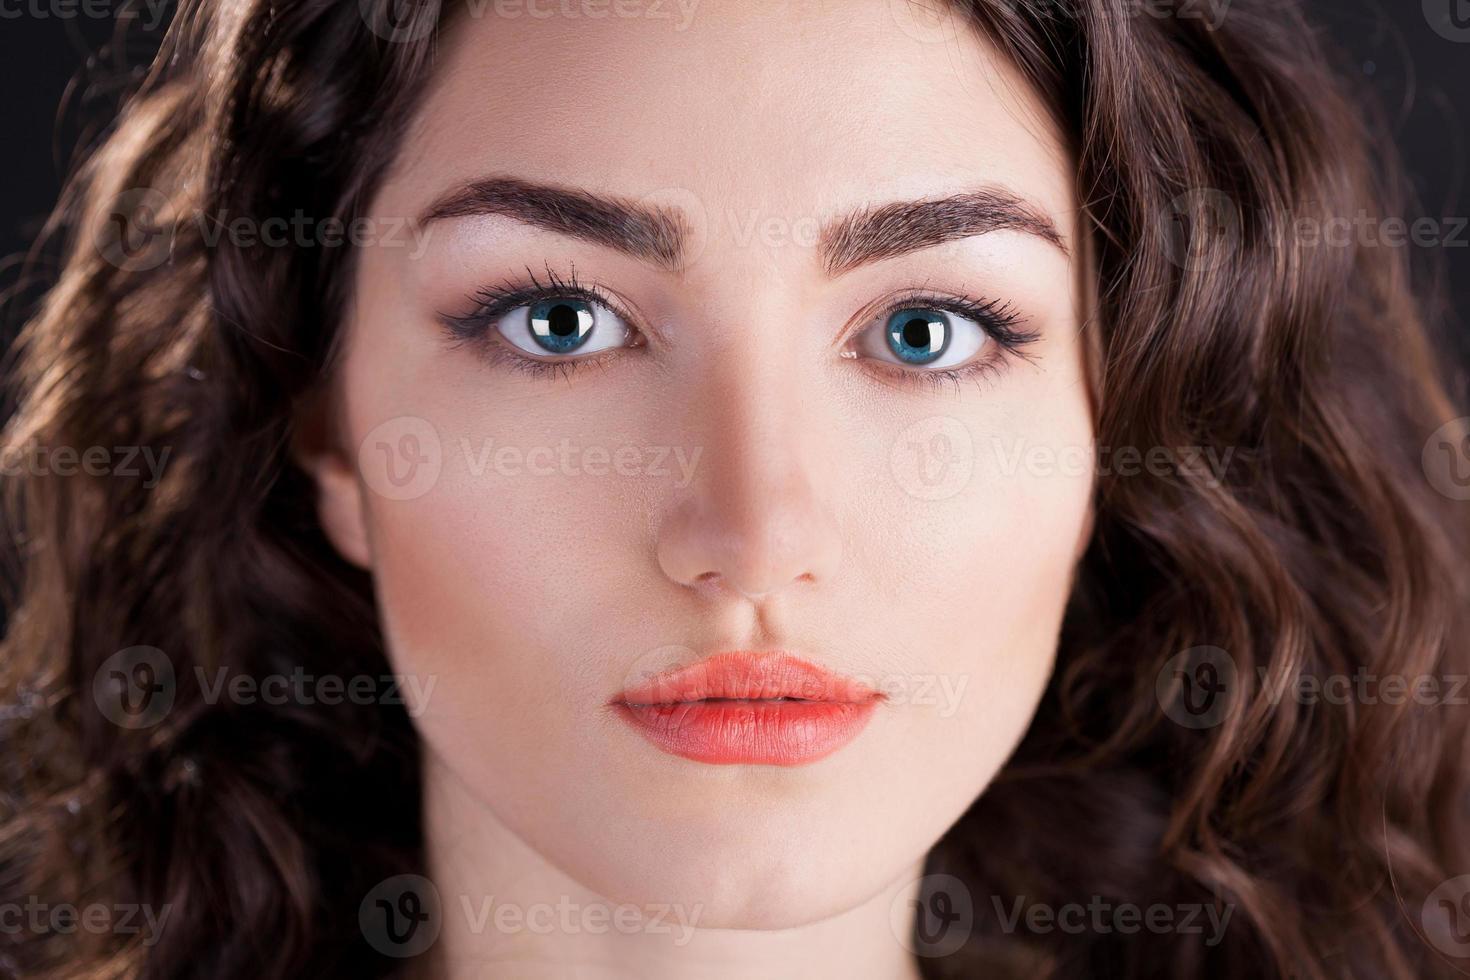 viso serio con lenti a contatto blu, sfondo nero foto